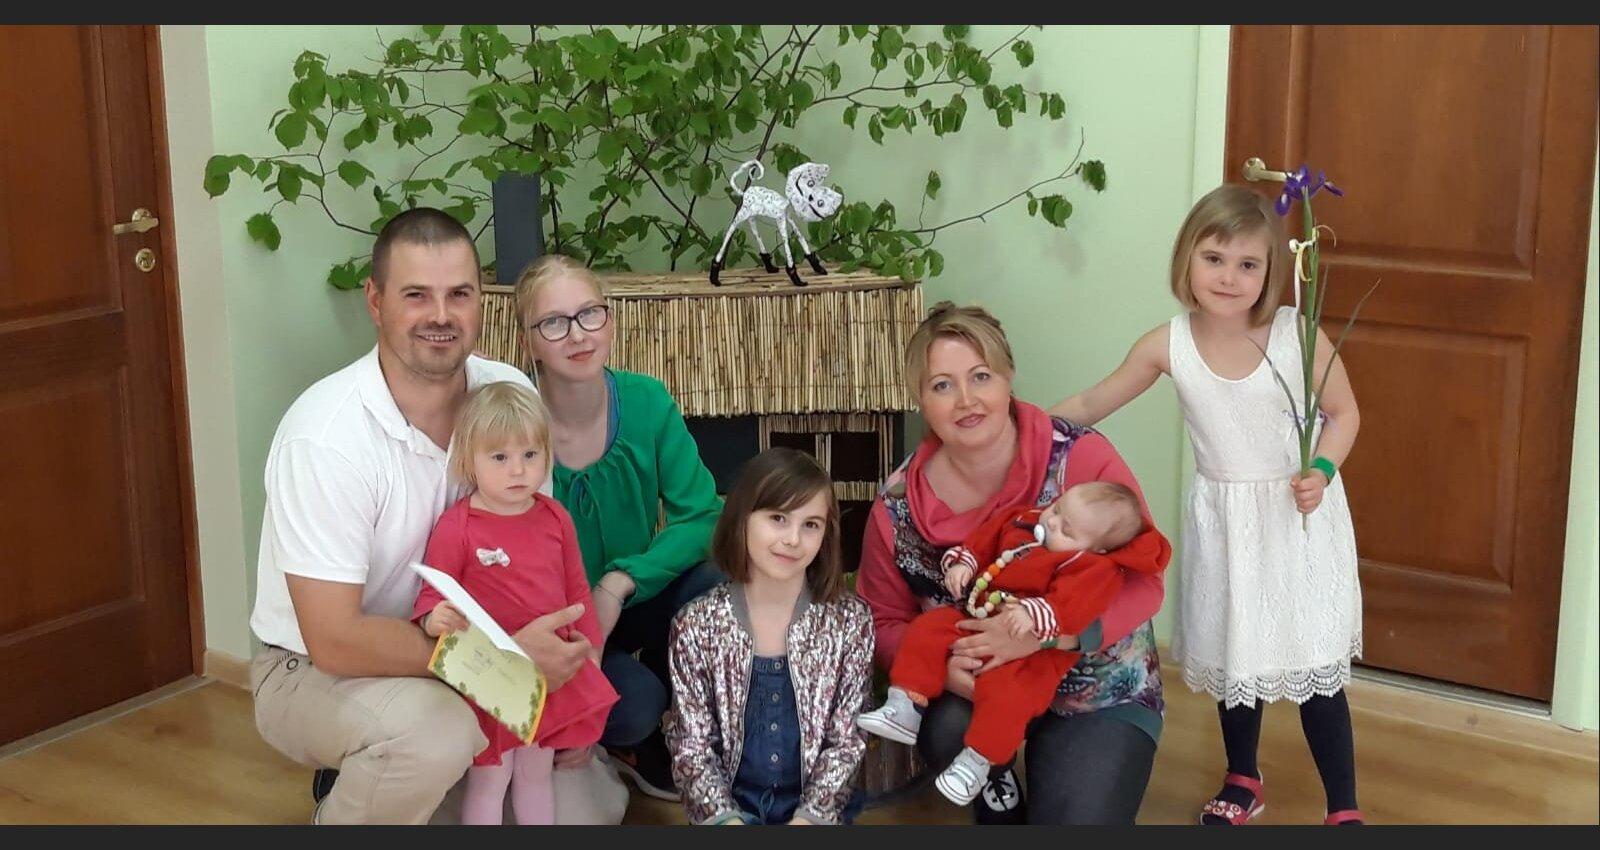 Paši gribēja, paši lai tiek galā: piecu bērnu mamma par sabiedrības attieksmi